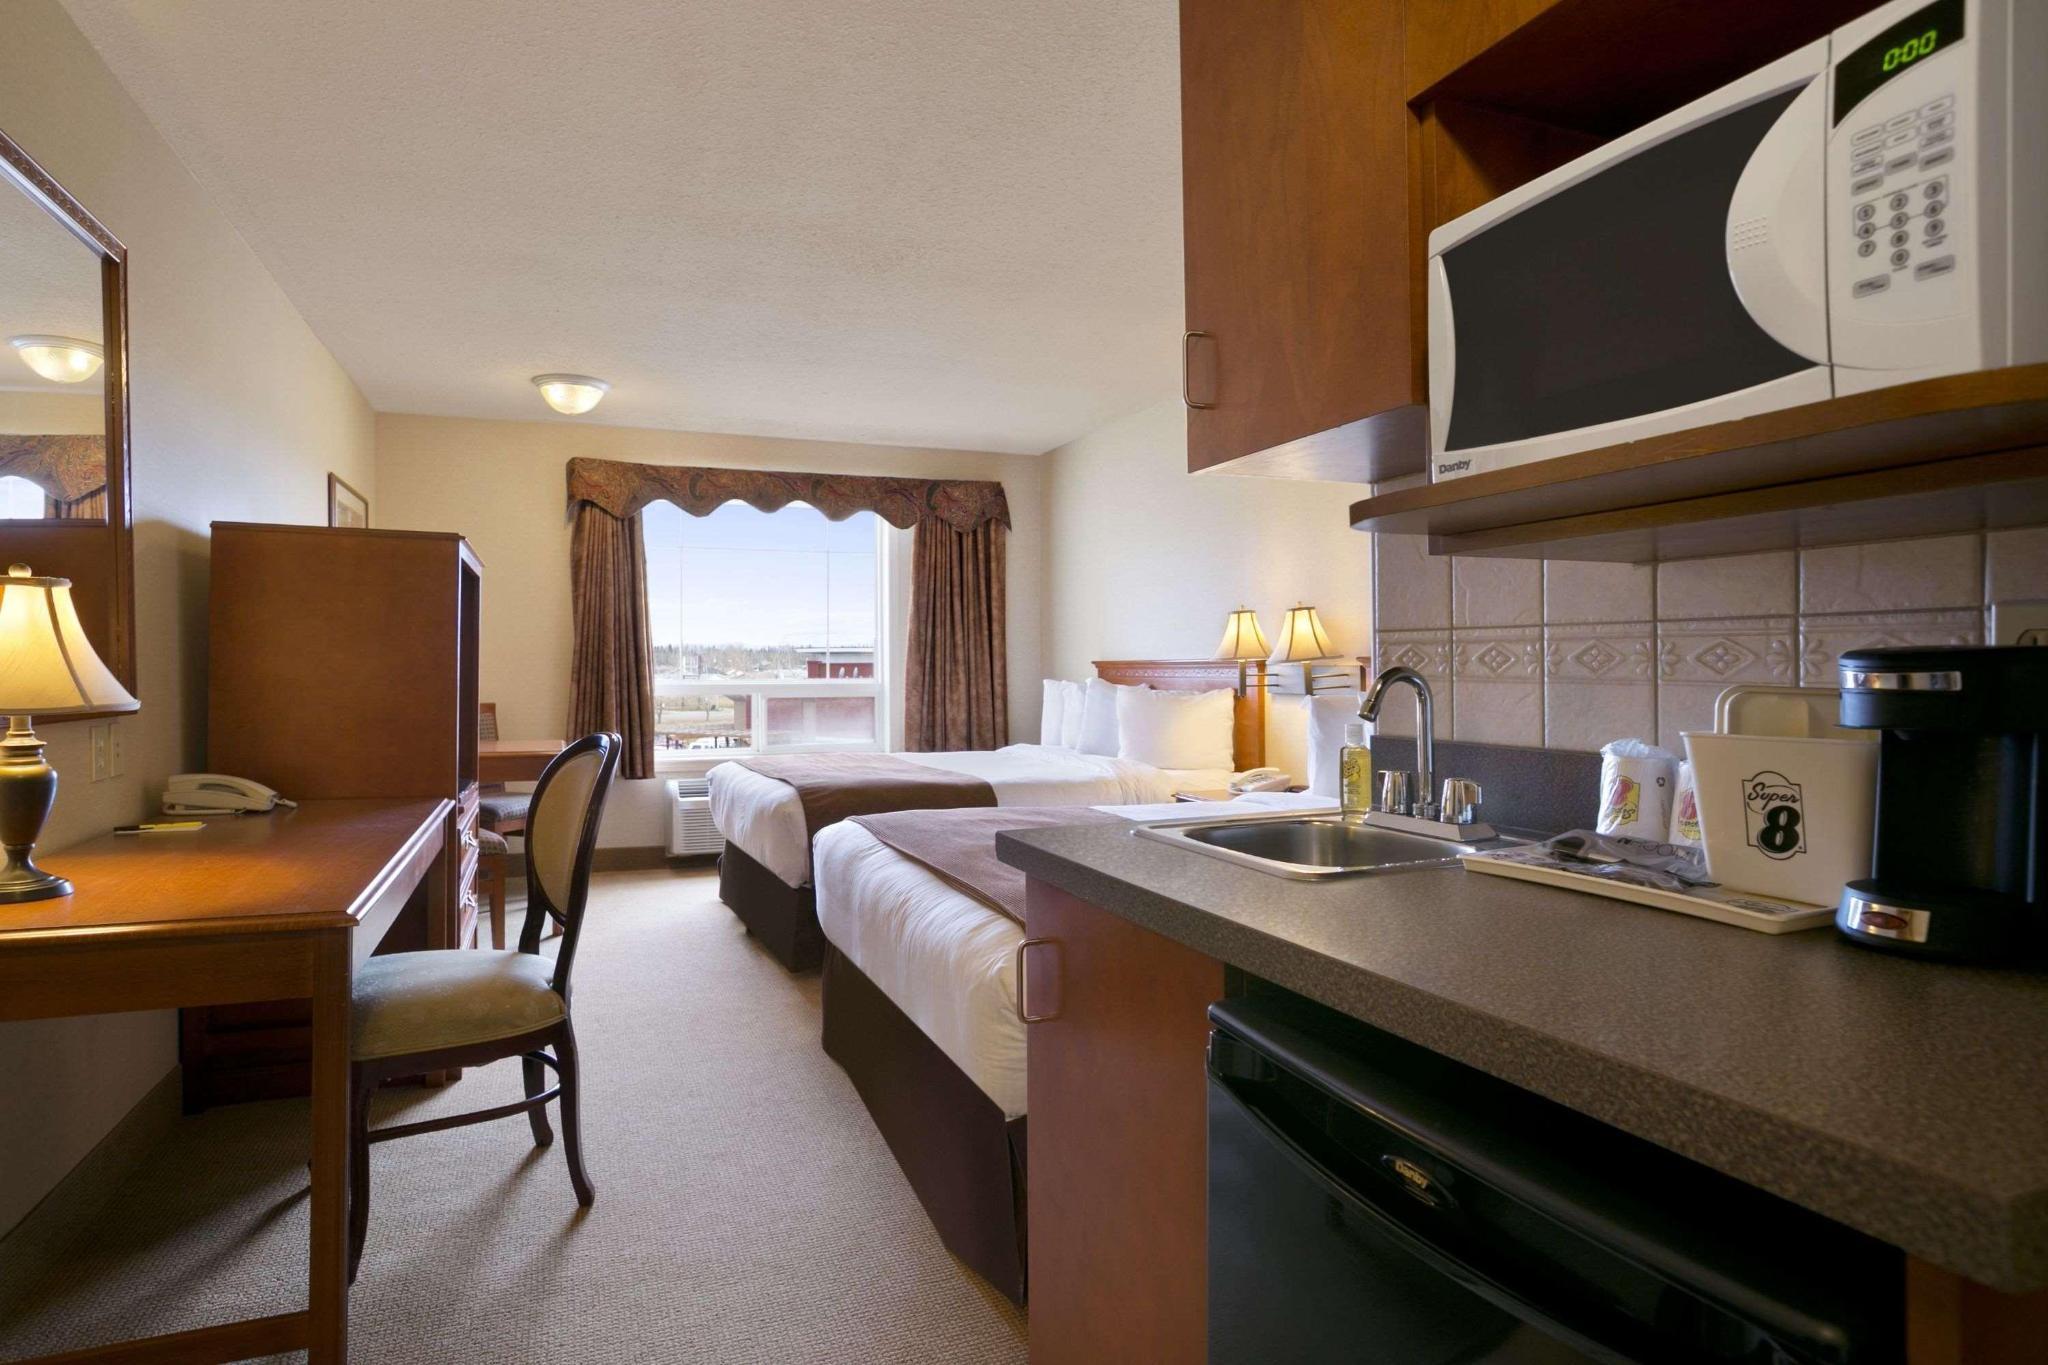 Room three beds